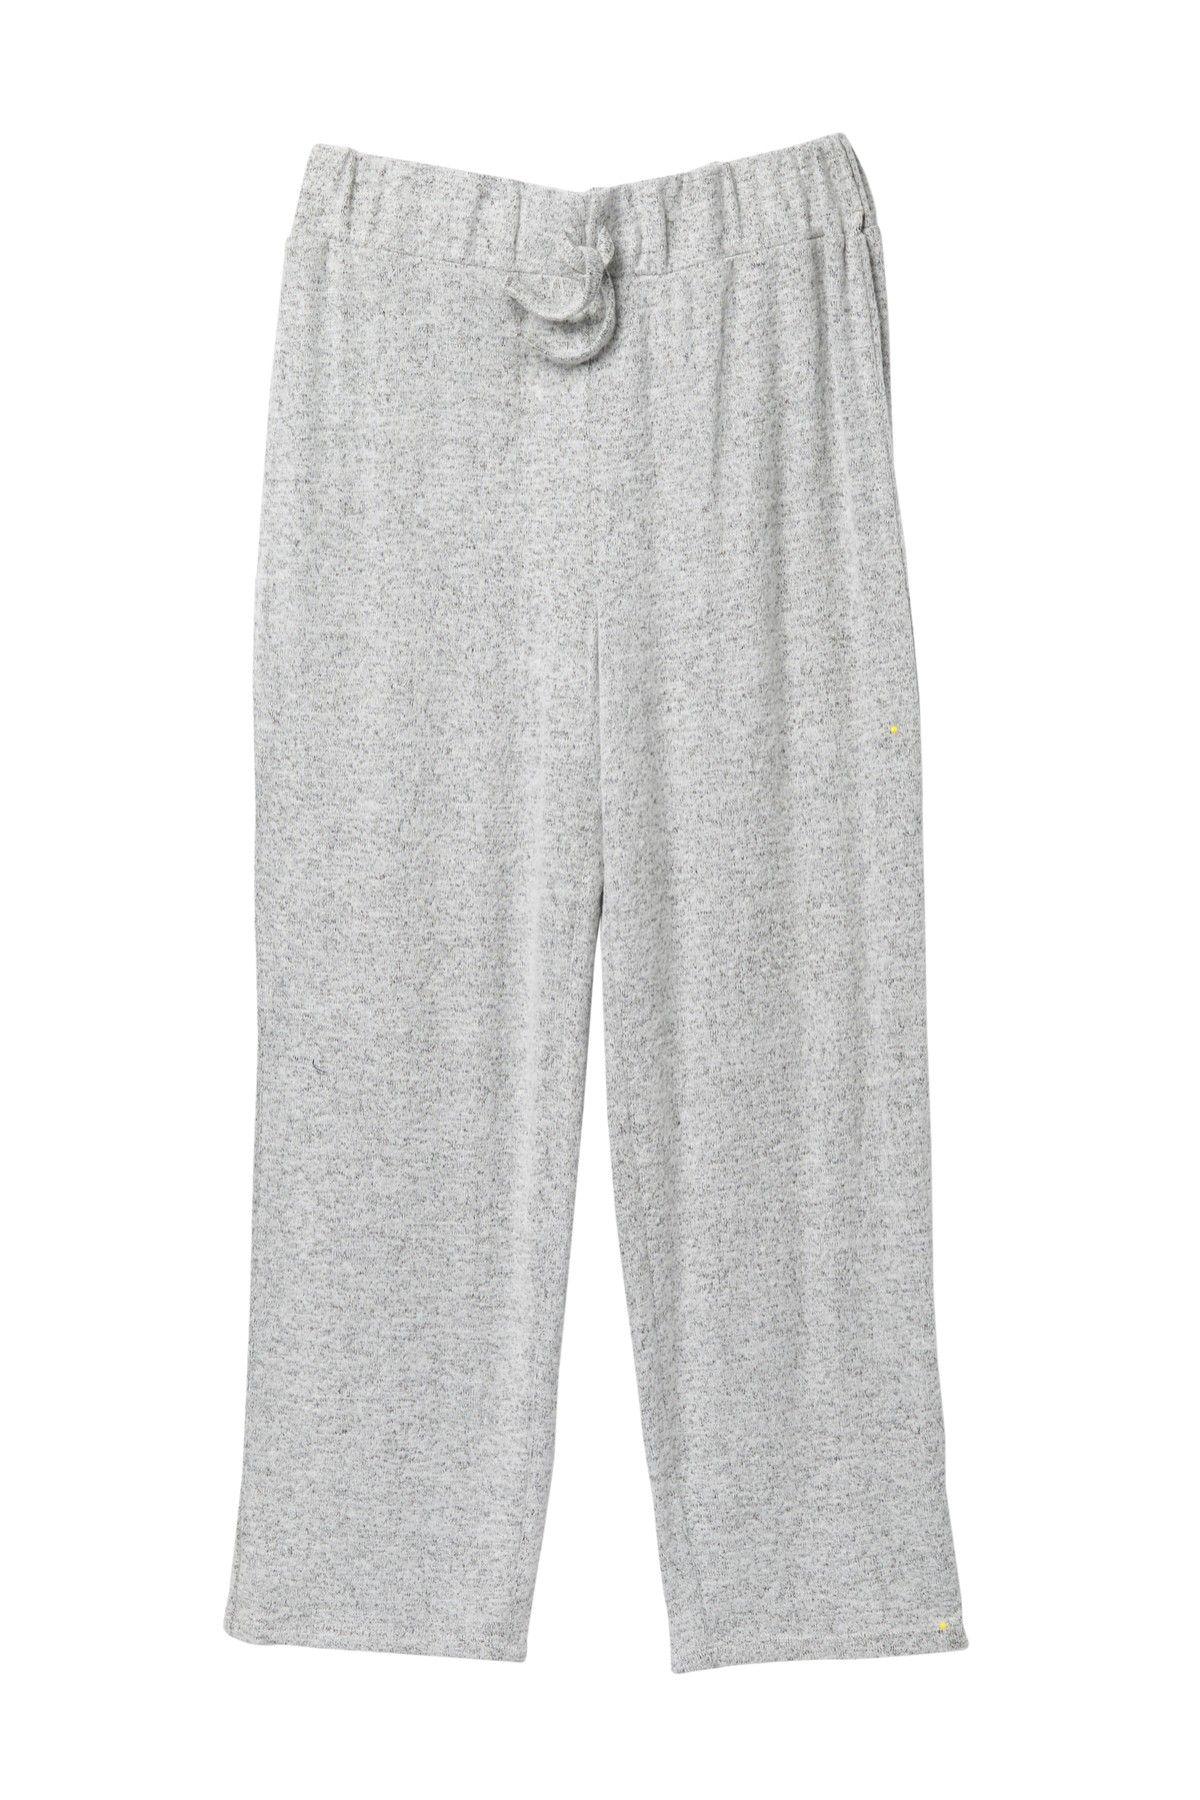 Harper Canyon   Easy Super Soft Pants (Big Girls)   Nordstrom Rack #nordstromrack